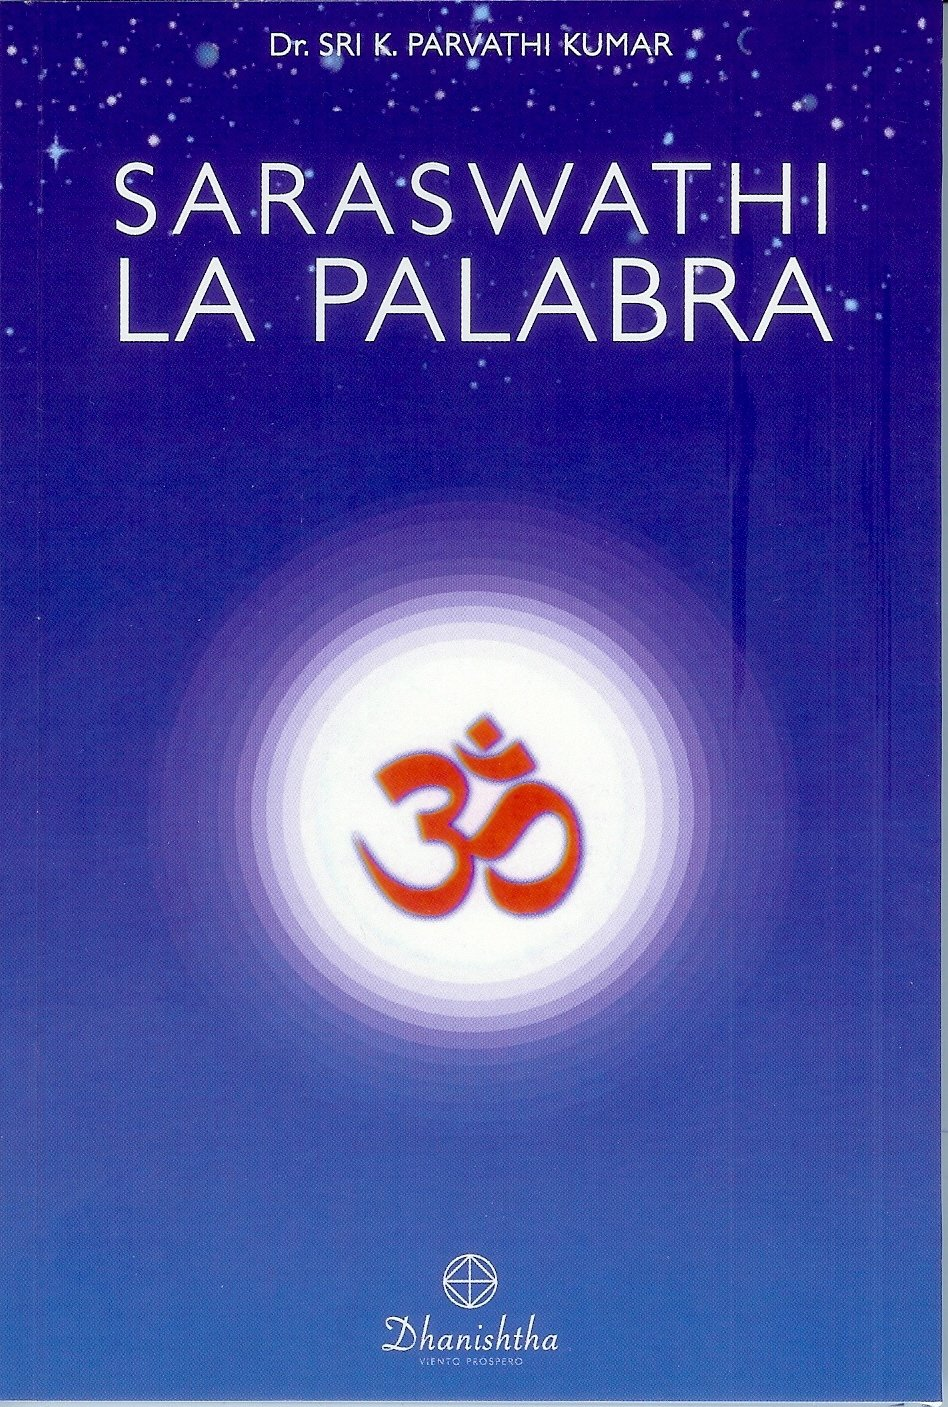 Sarasvati WTT libros de sabiduría gratis en PDF Ediciones dhanishtha